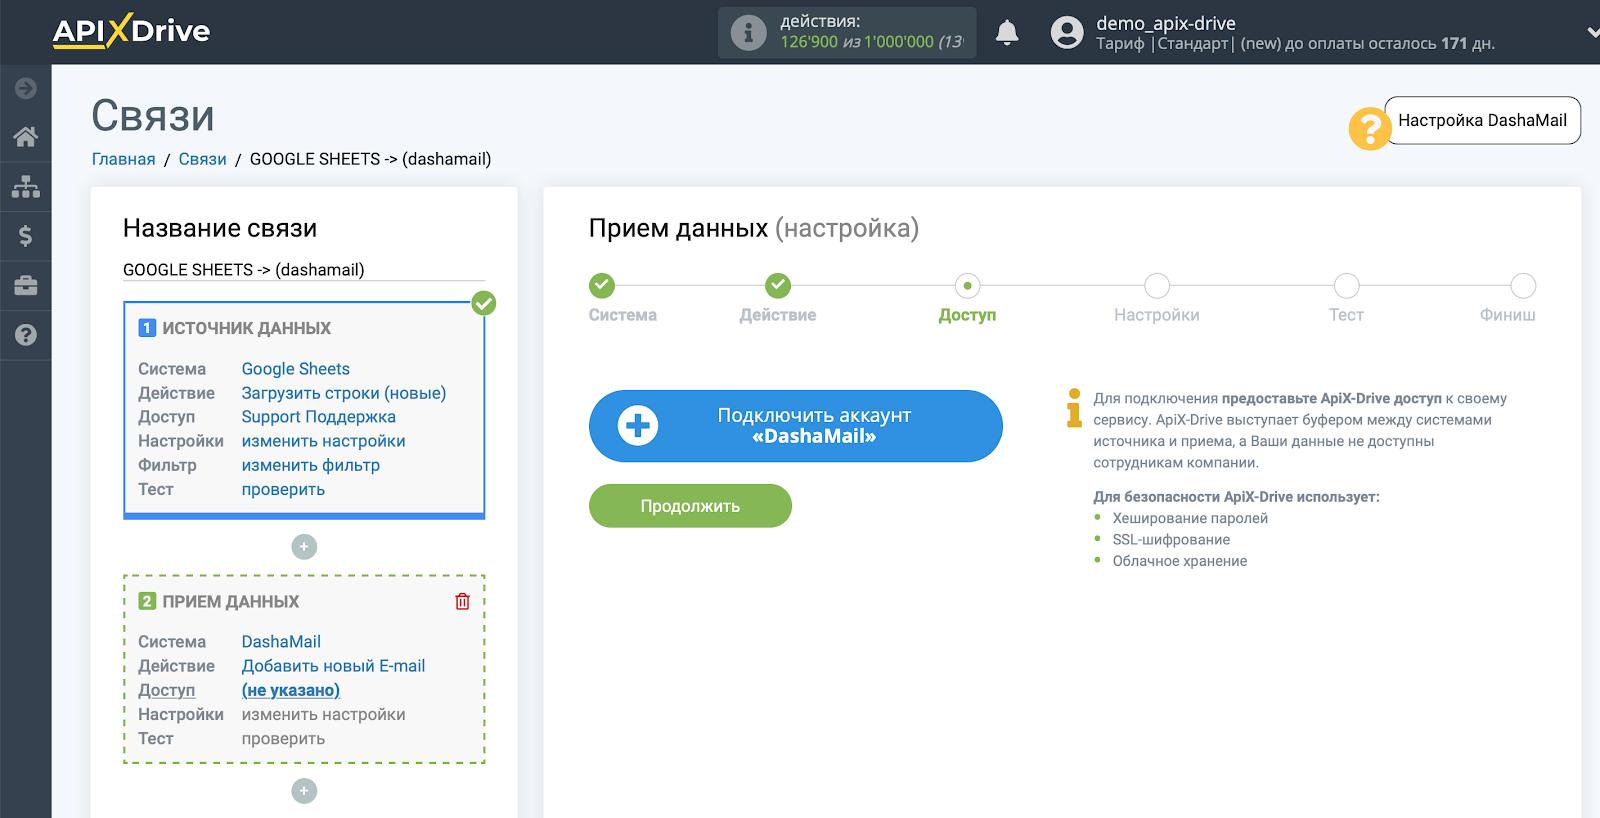 Настройка Приема данных в DashaMail | Подключения аккаунта